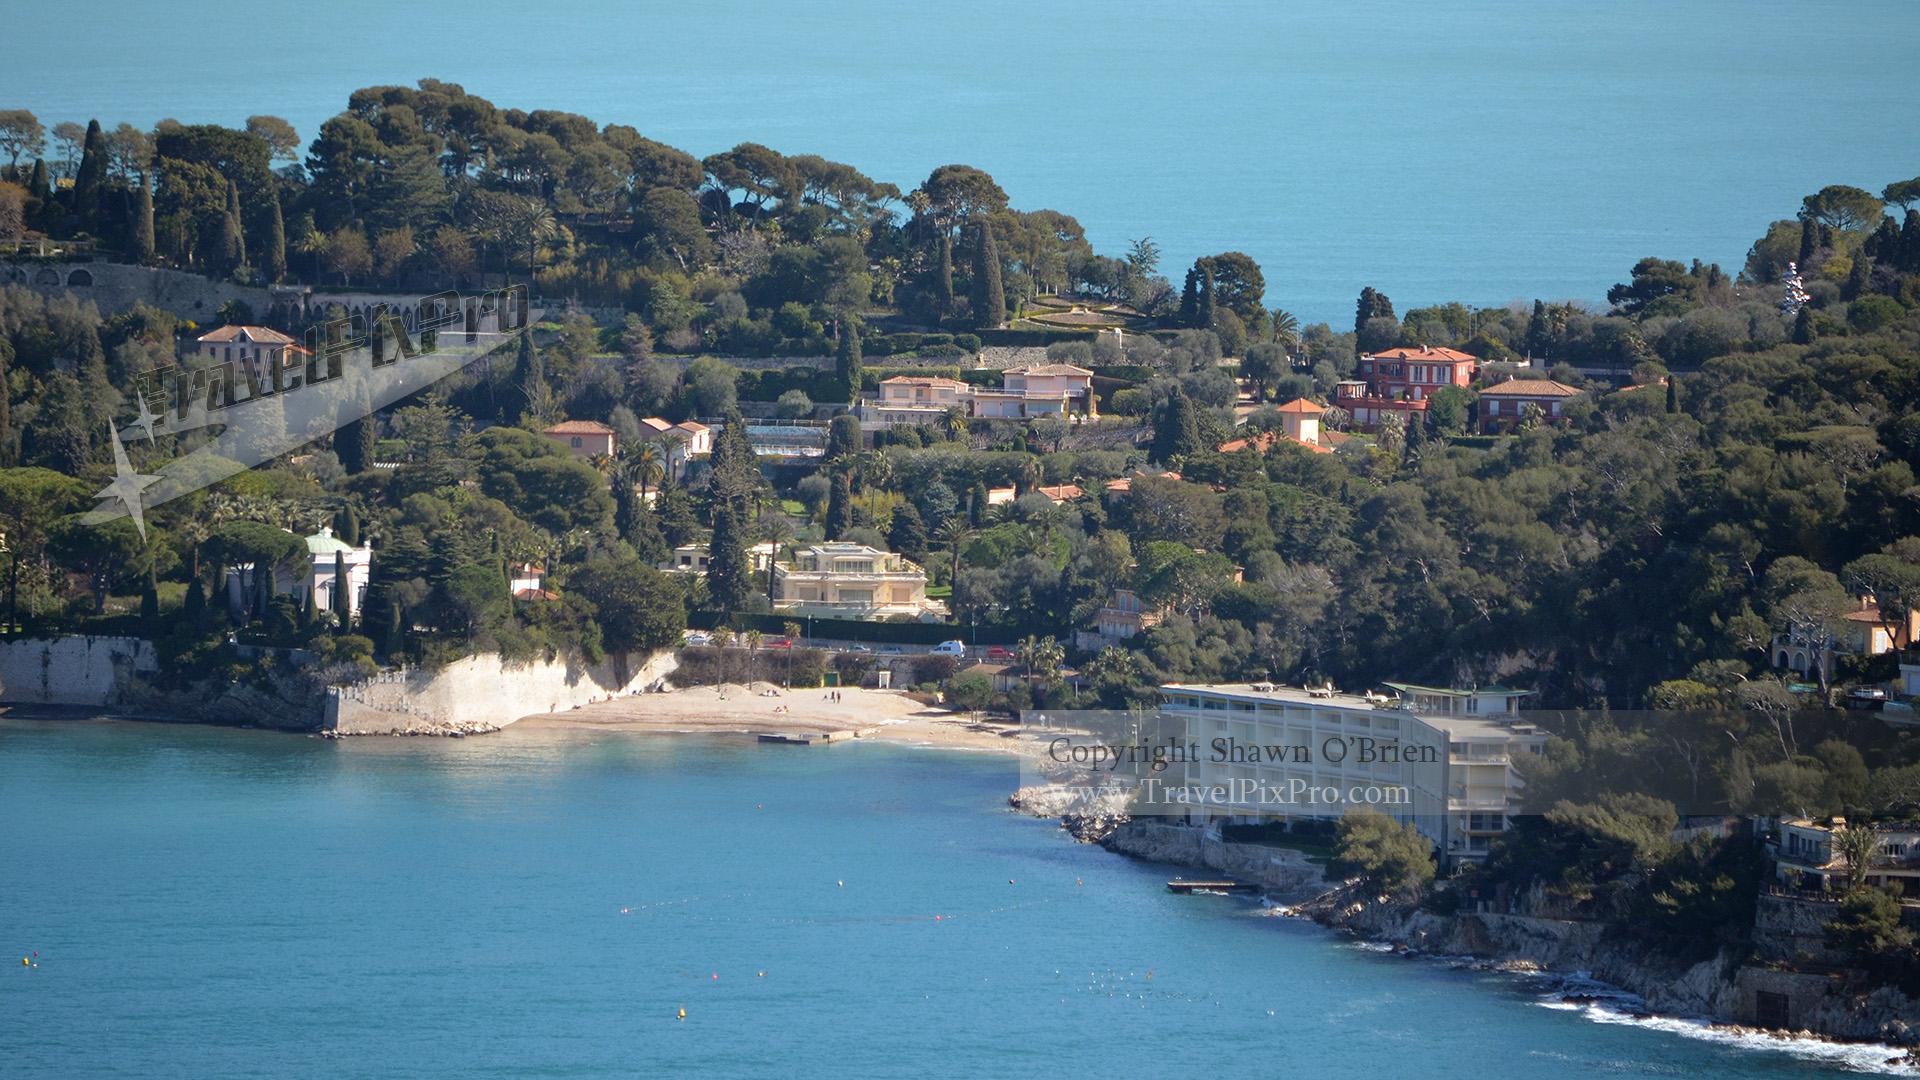 Cap Ferrat on Cote d'Azur